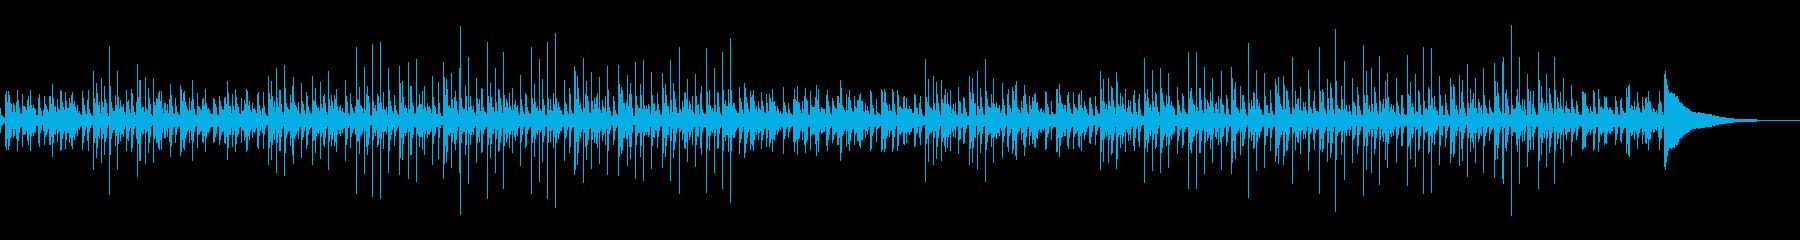 アコギによるライフスタイルや成長映像等の再生済みの波形